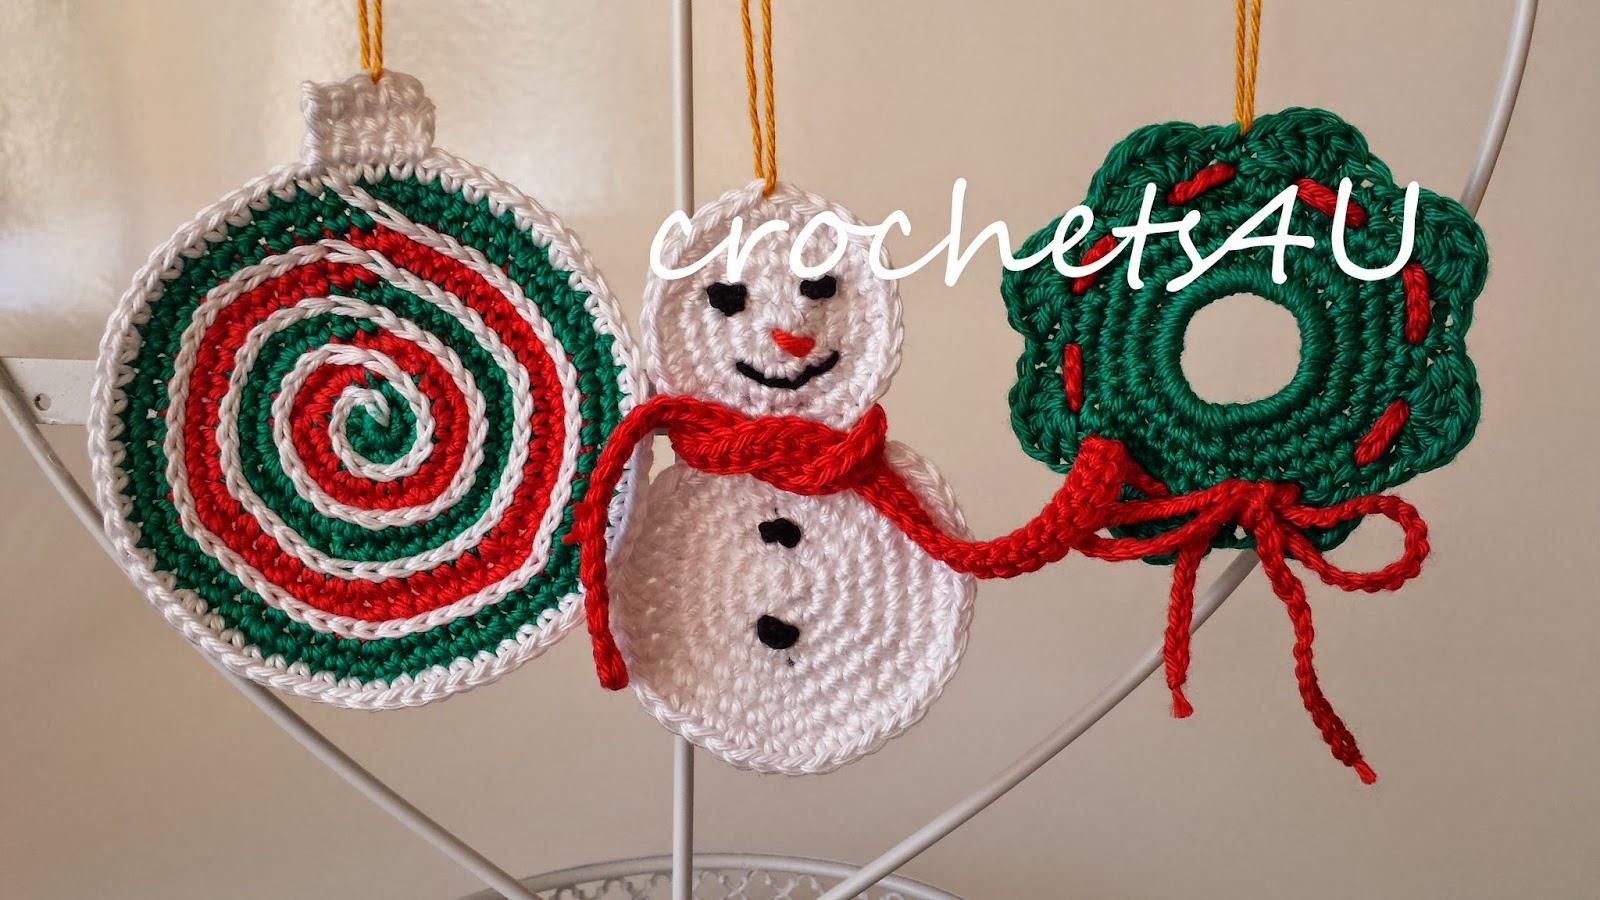 Crochets4u November 2014